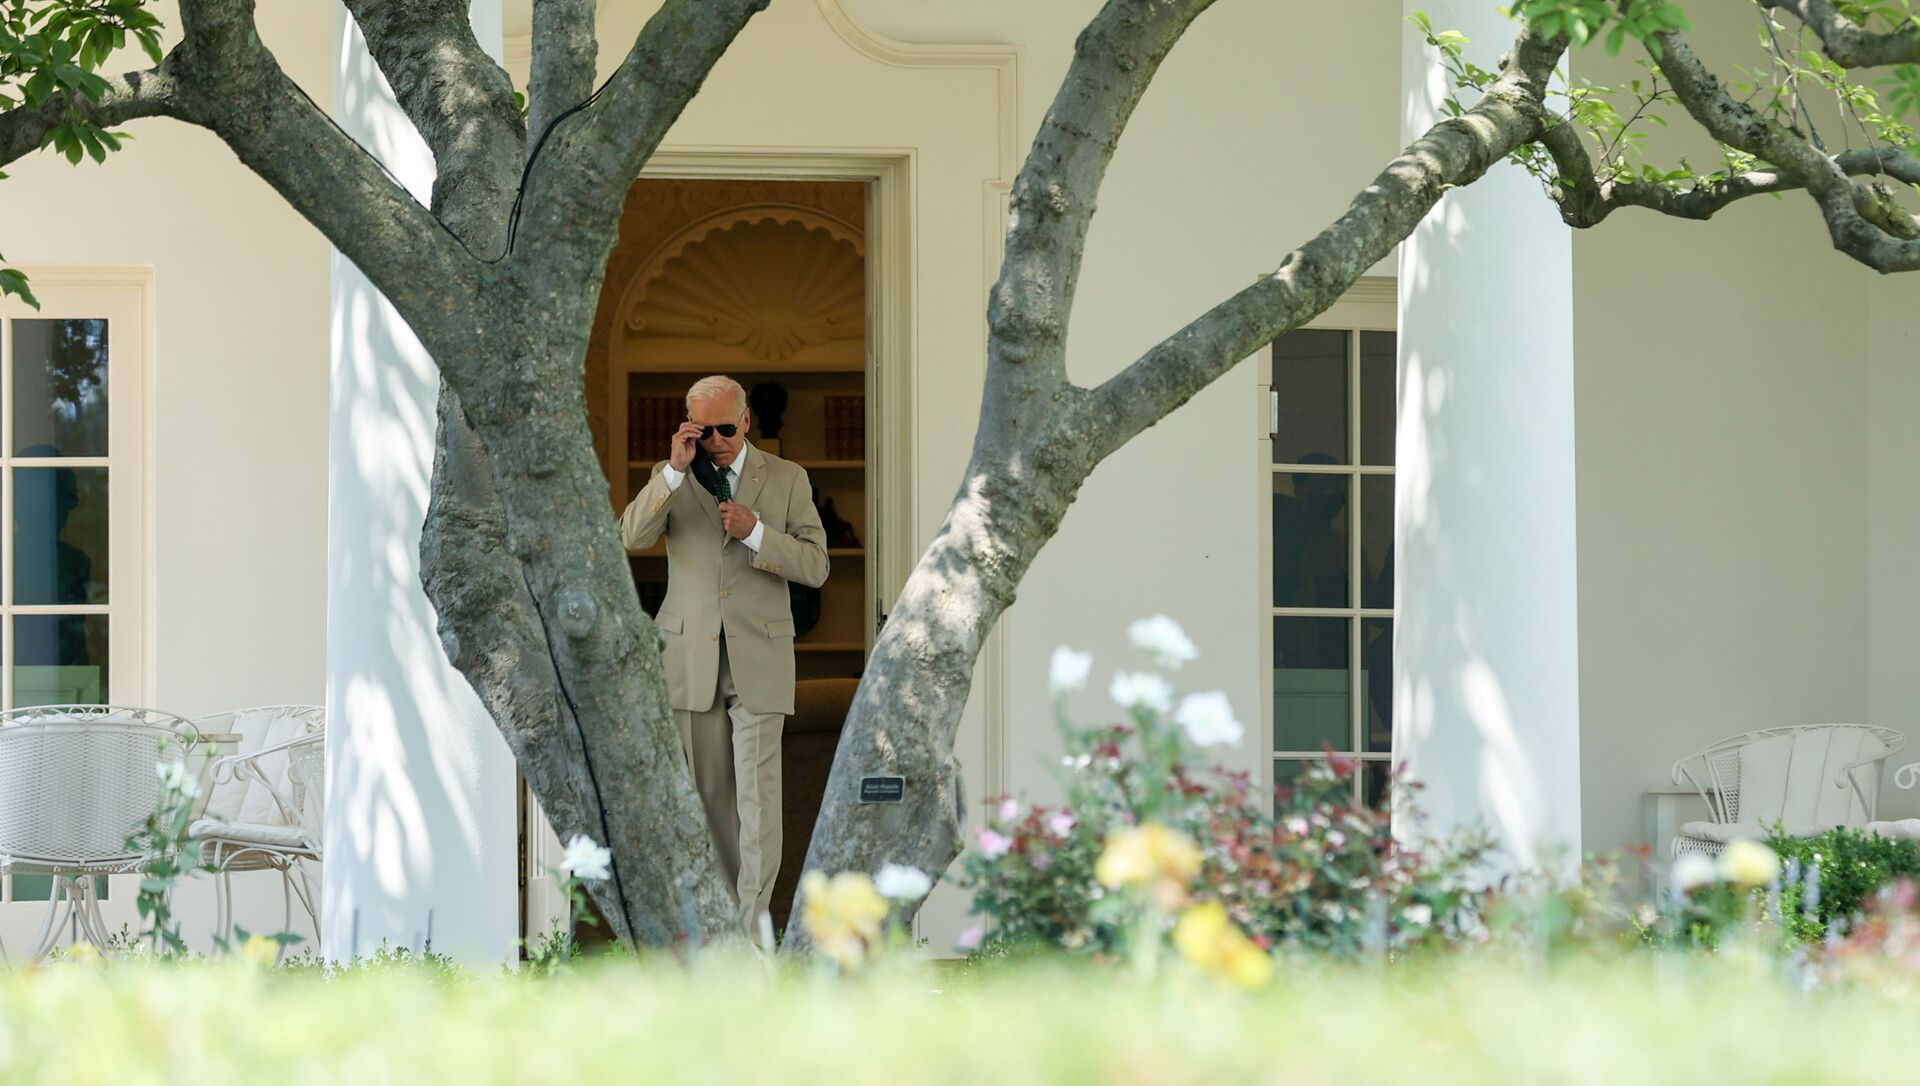 Tổng thống Hoa Kỳ Joe Biden lên đường khởi hành đến Delaware qua Marine One từ Bãi cỏ phía Nam của Nhà Trắng ở Washington, Hoa Kỳ ngày 6 tháng 8 năm 2021 - Sputnik Việt Nam, 1920, 11.08.2021